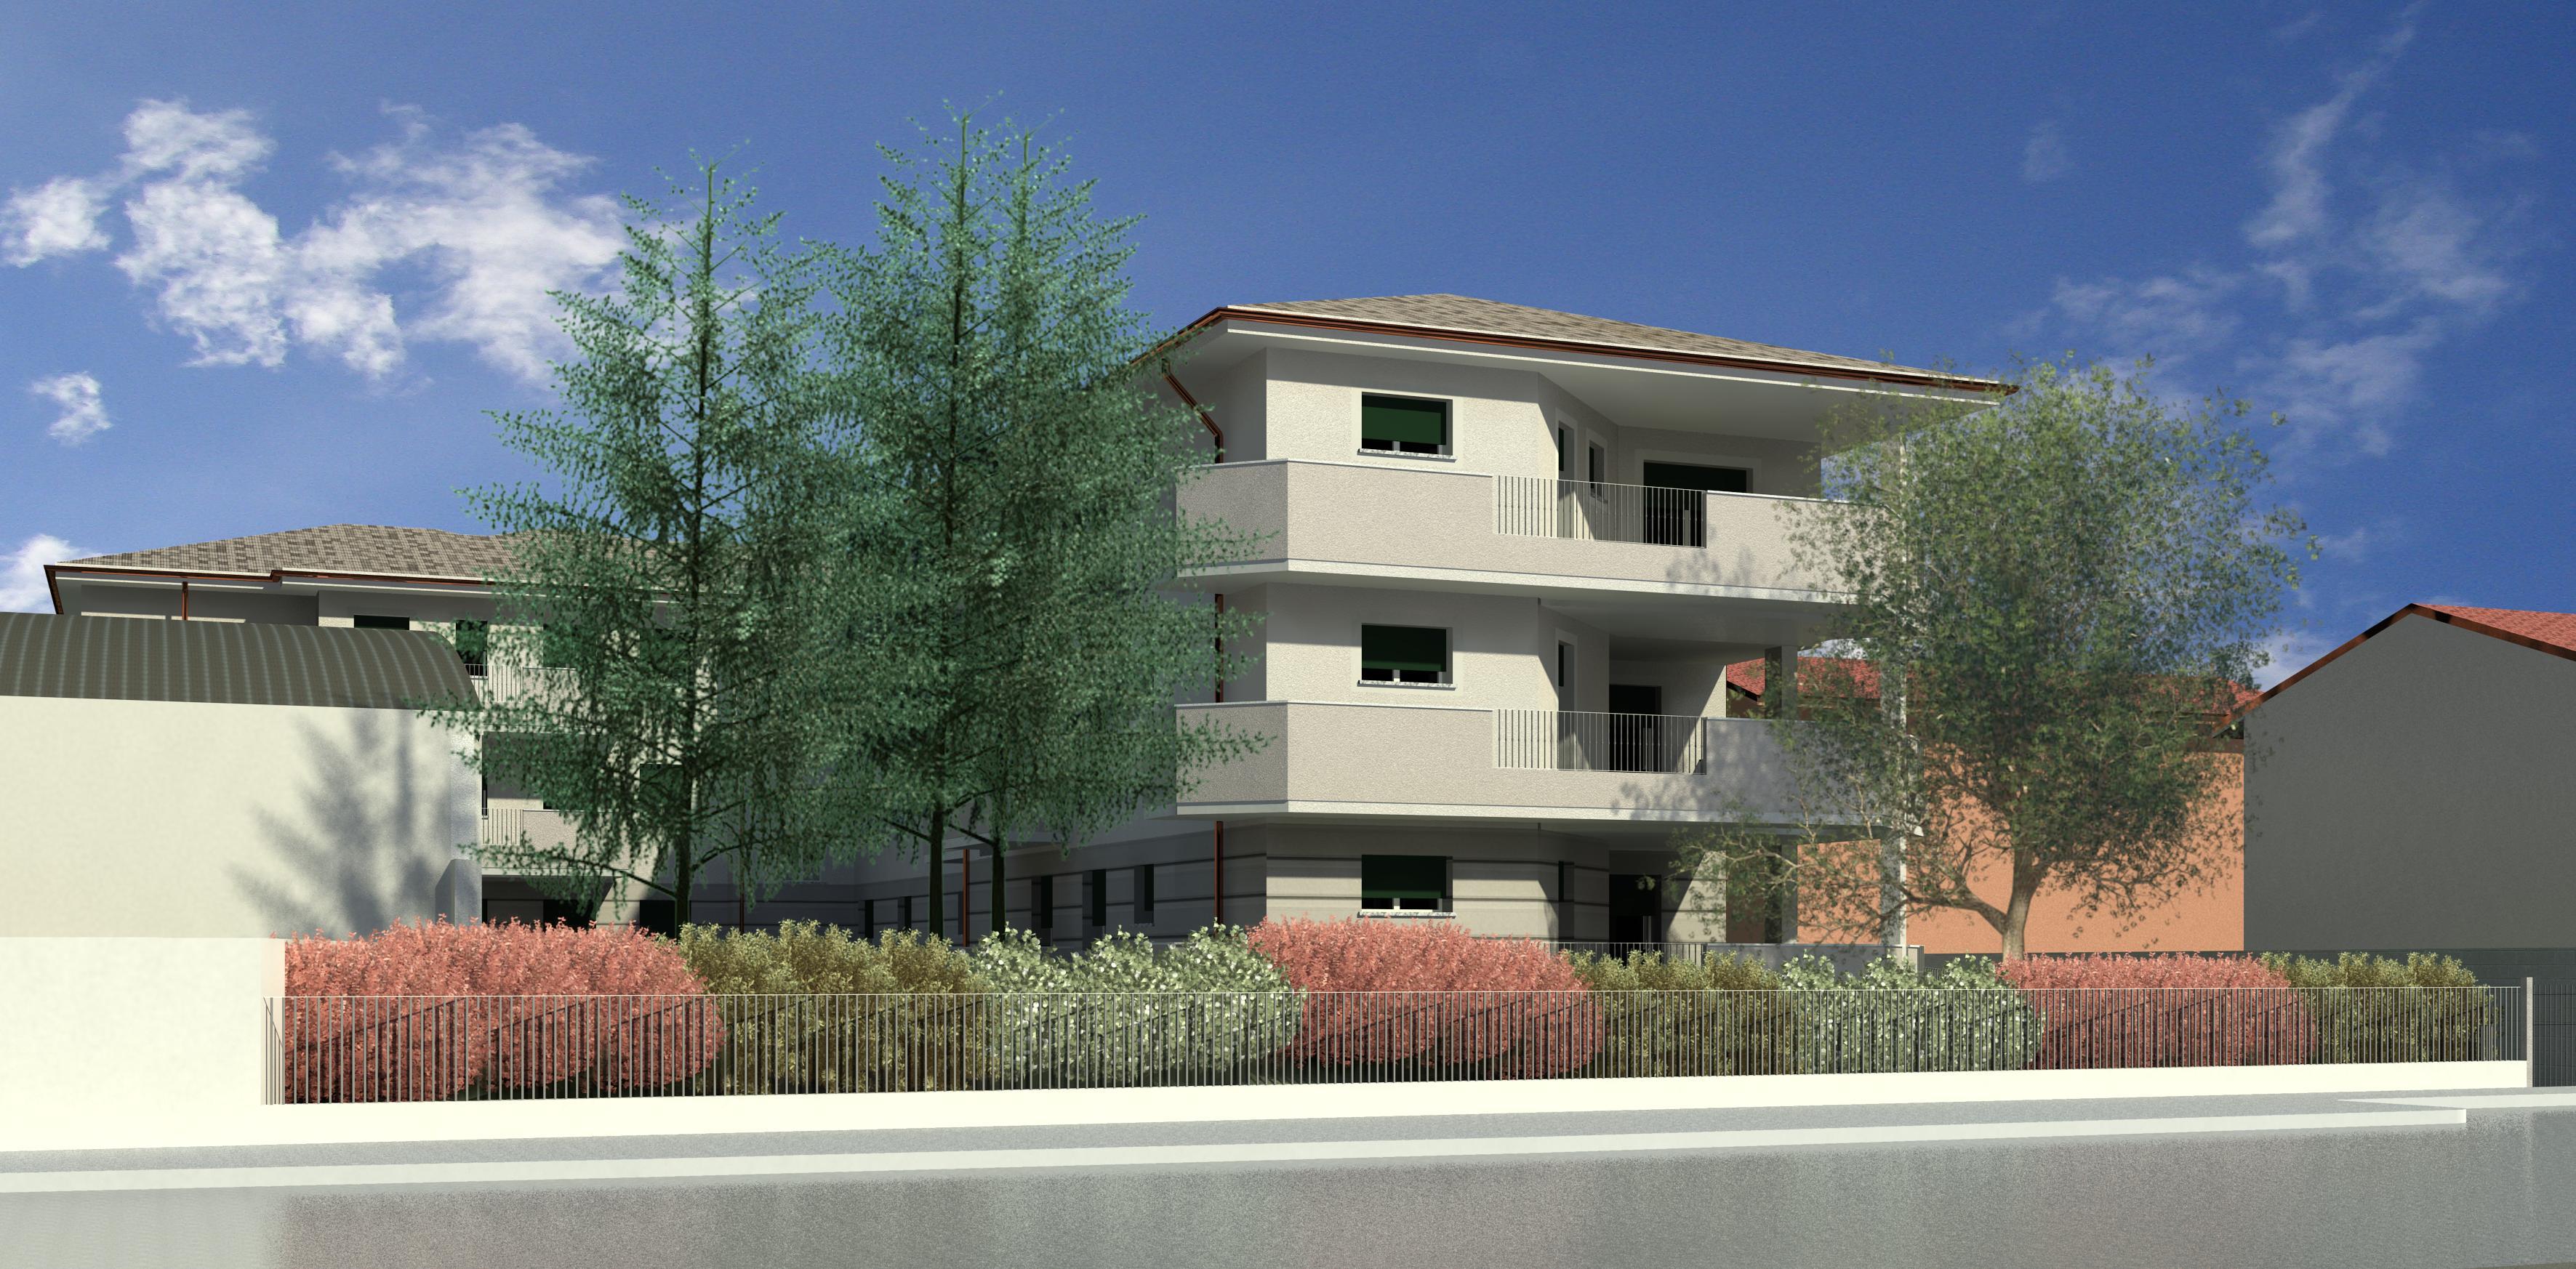 La tua casa ti aspetta da rossi costruzioni corriere for Progetta la tua casa gratuitamente